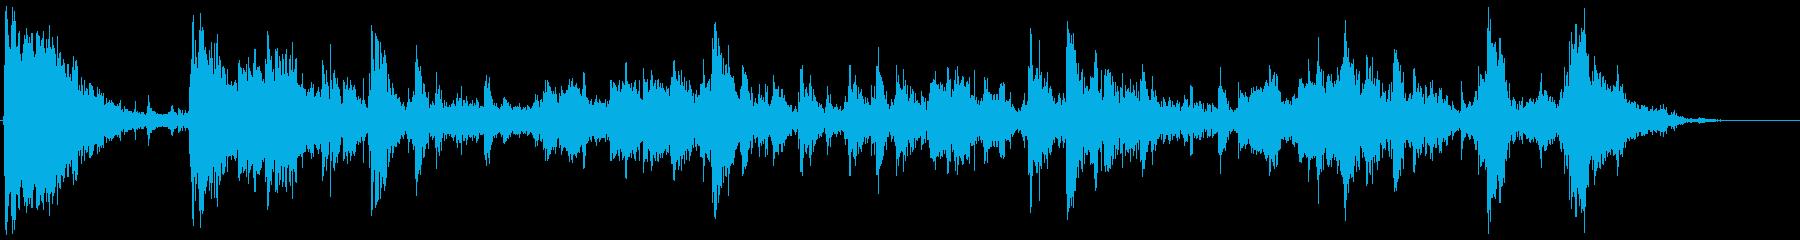 車のロールオーバーの再生済みの波形